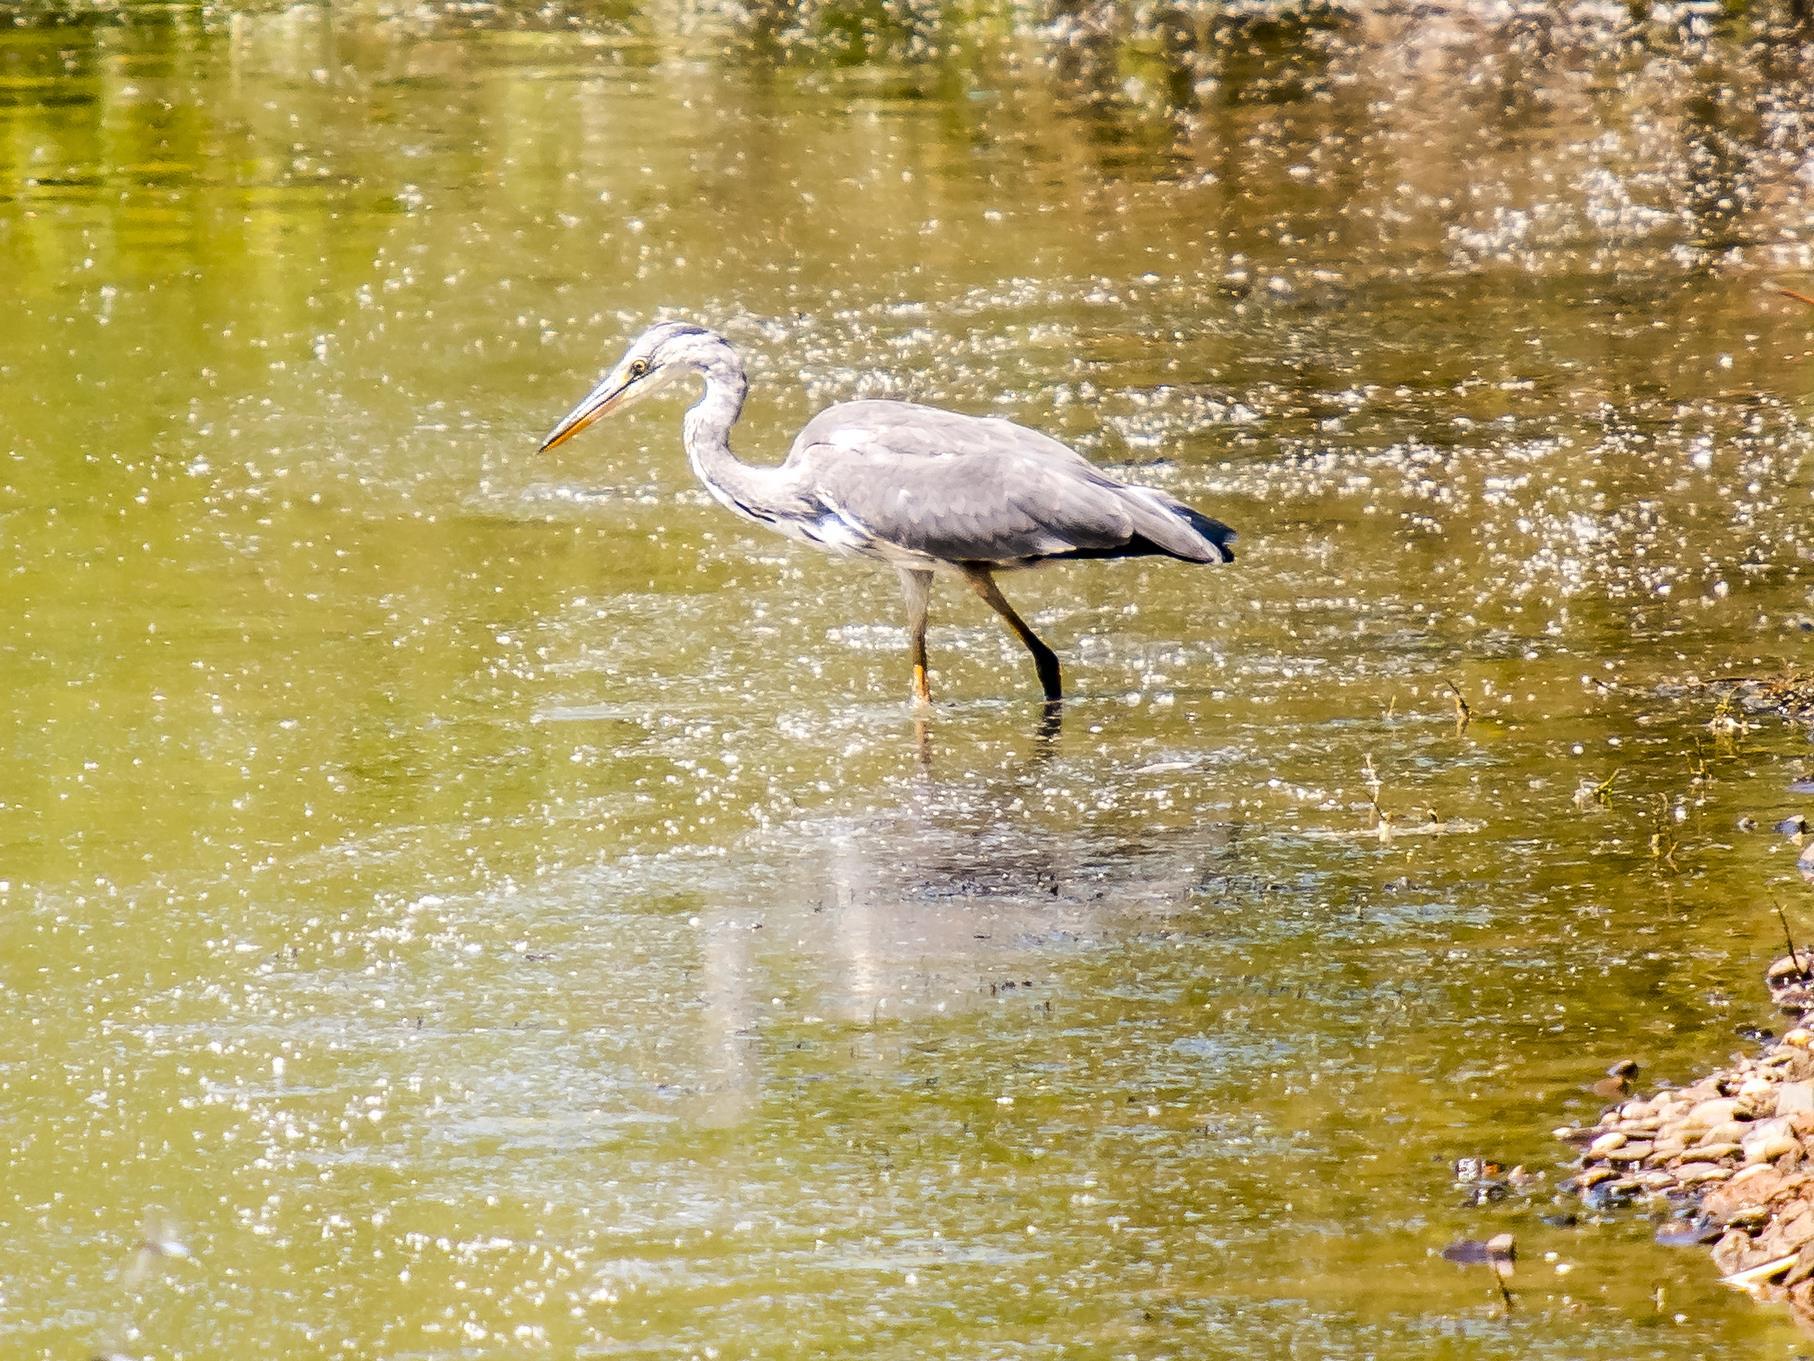 Bewegungslos steht der Graureiher auf der Suche nach Nahrung im Wasser.